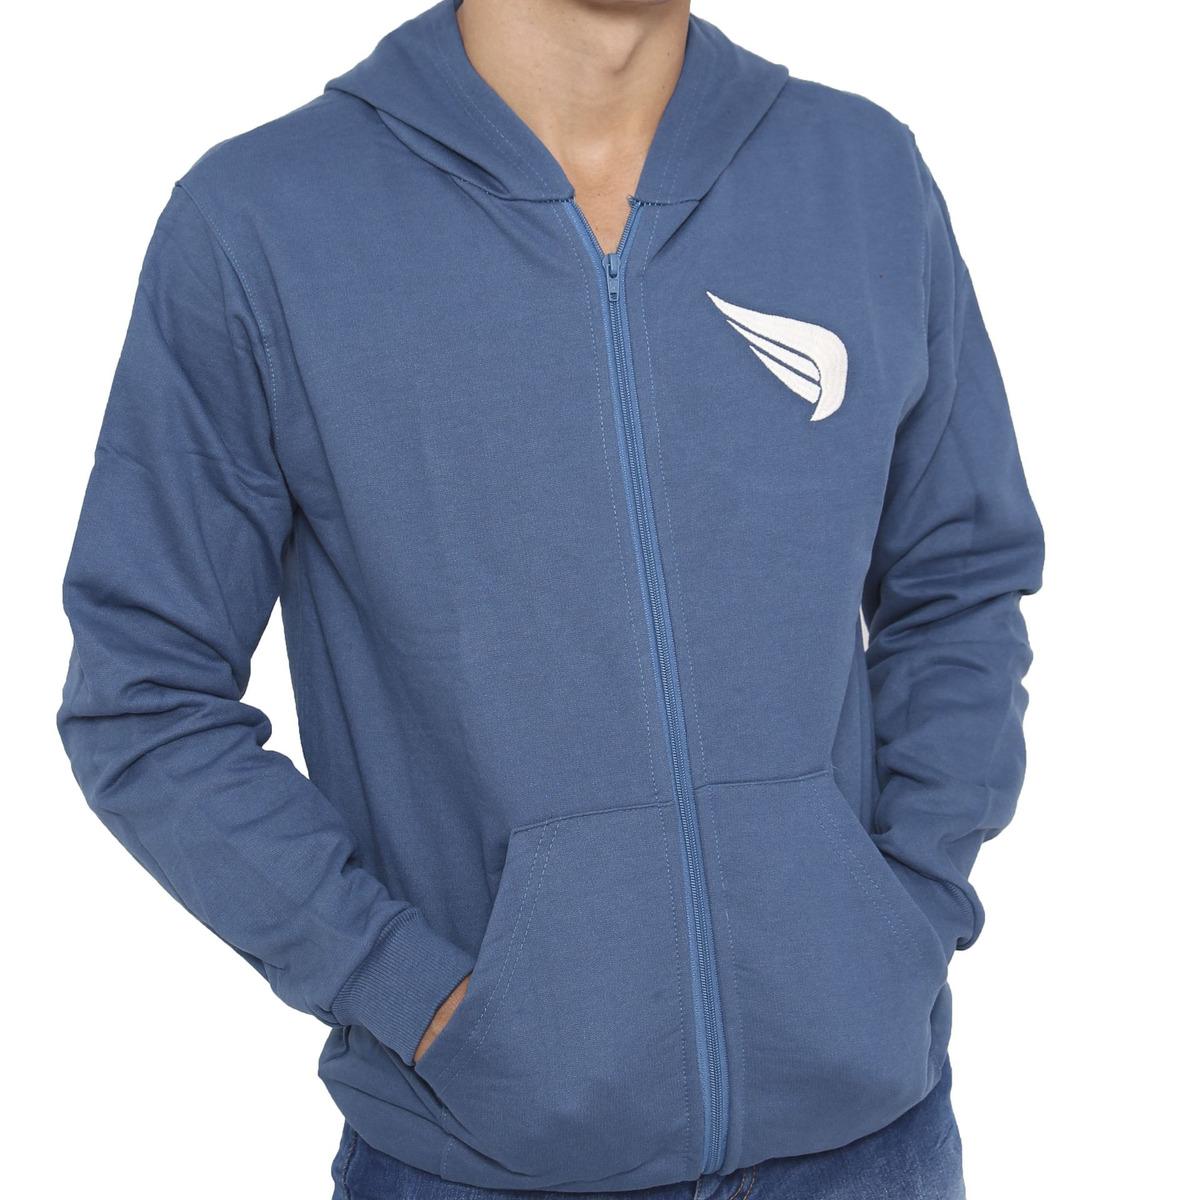 7ebc3bff9 kit 3 casacos blusa moletom masculino canguru capuz bolso. Carregando zoom.